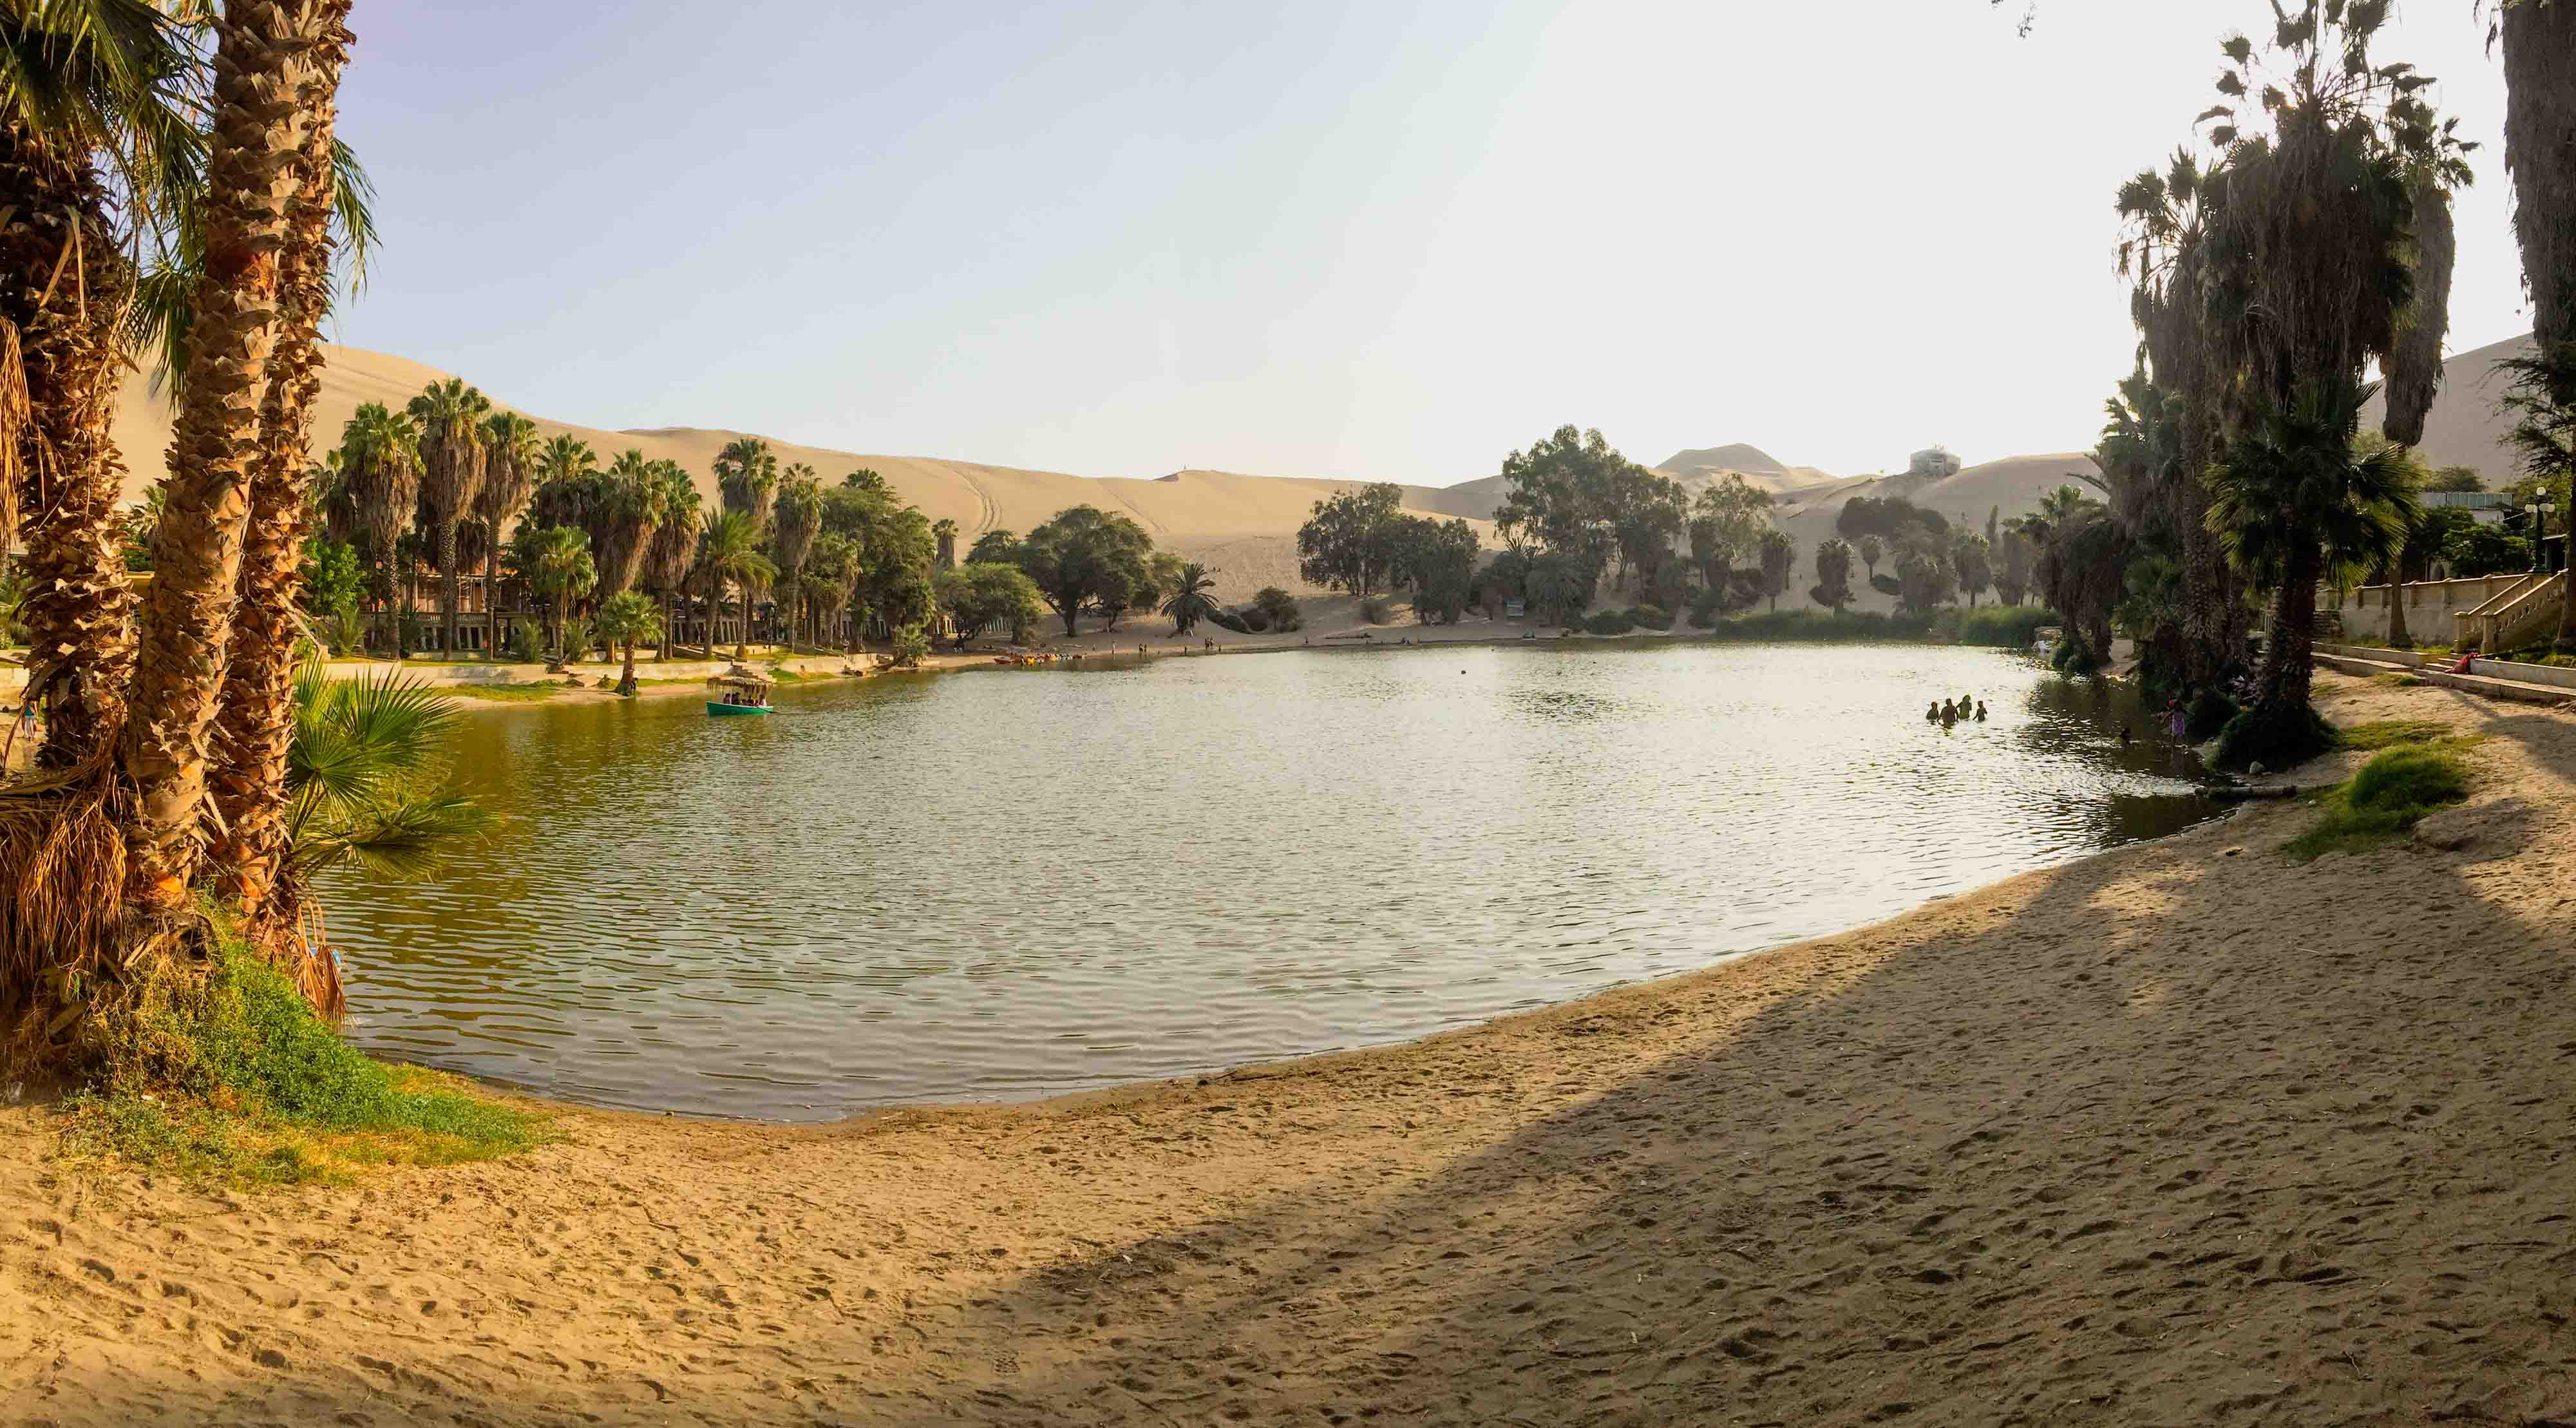 L'oasis marque le début des dunes